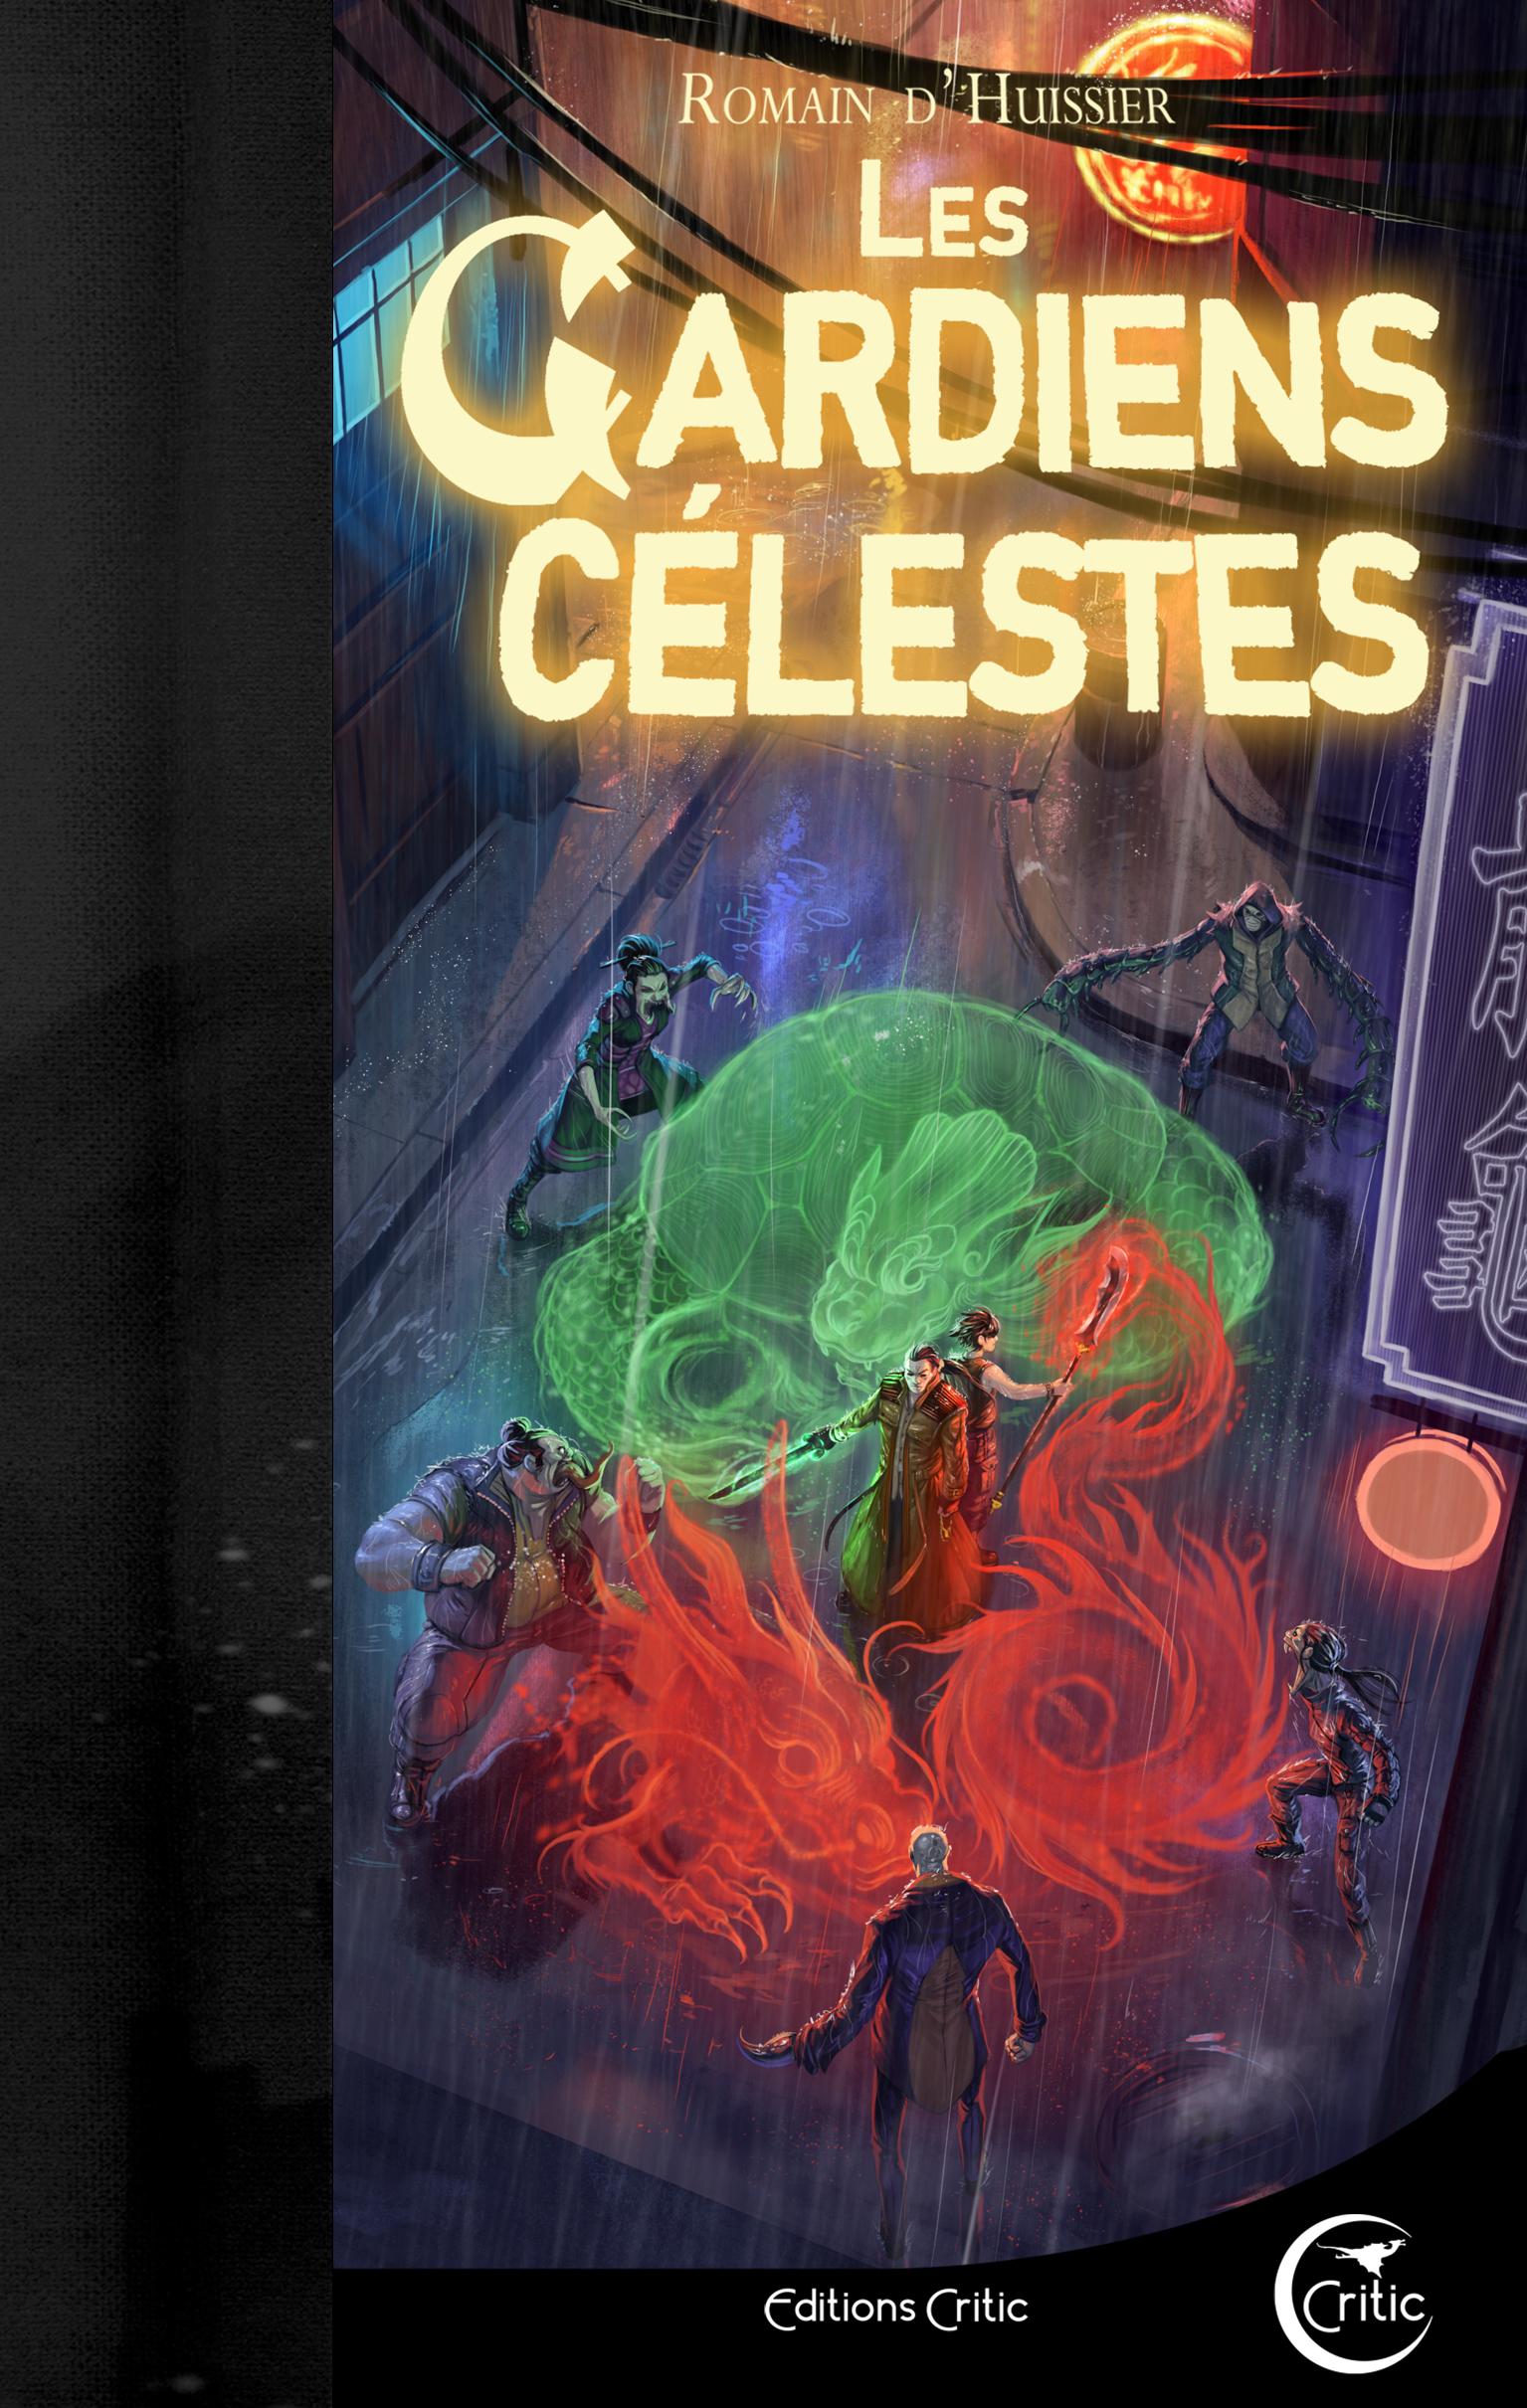 Les Gardiens Celestes Critic Gardien Celeste Pdf Book